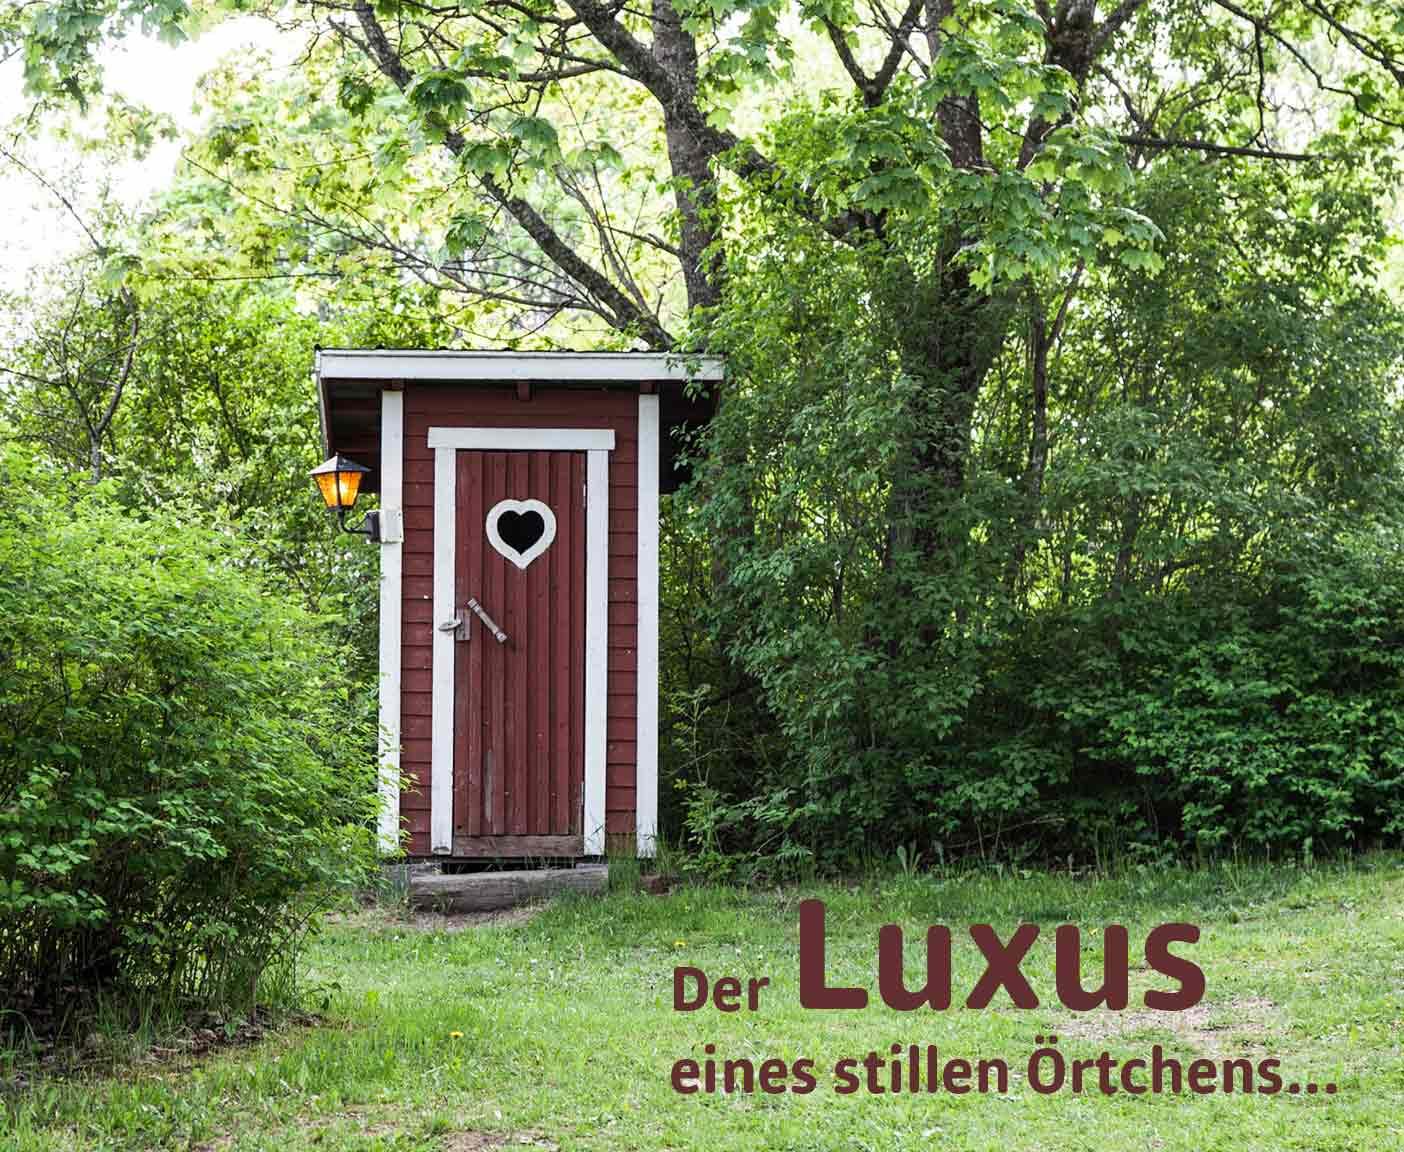 Toilettenhaus aus Holz mit Herz und Laterne im Grünen in der Natur, Der Luxus eines stillen Örtchens, Campingtoilette PaulCamper